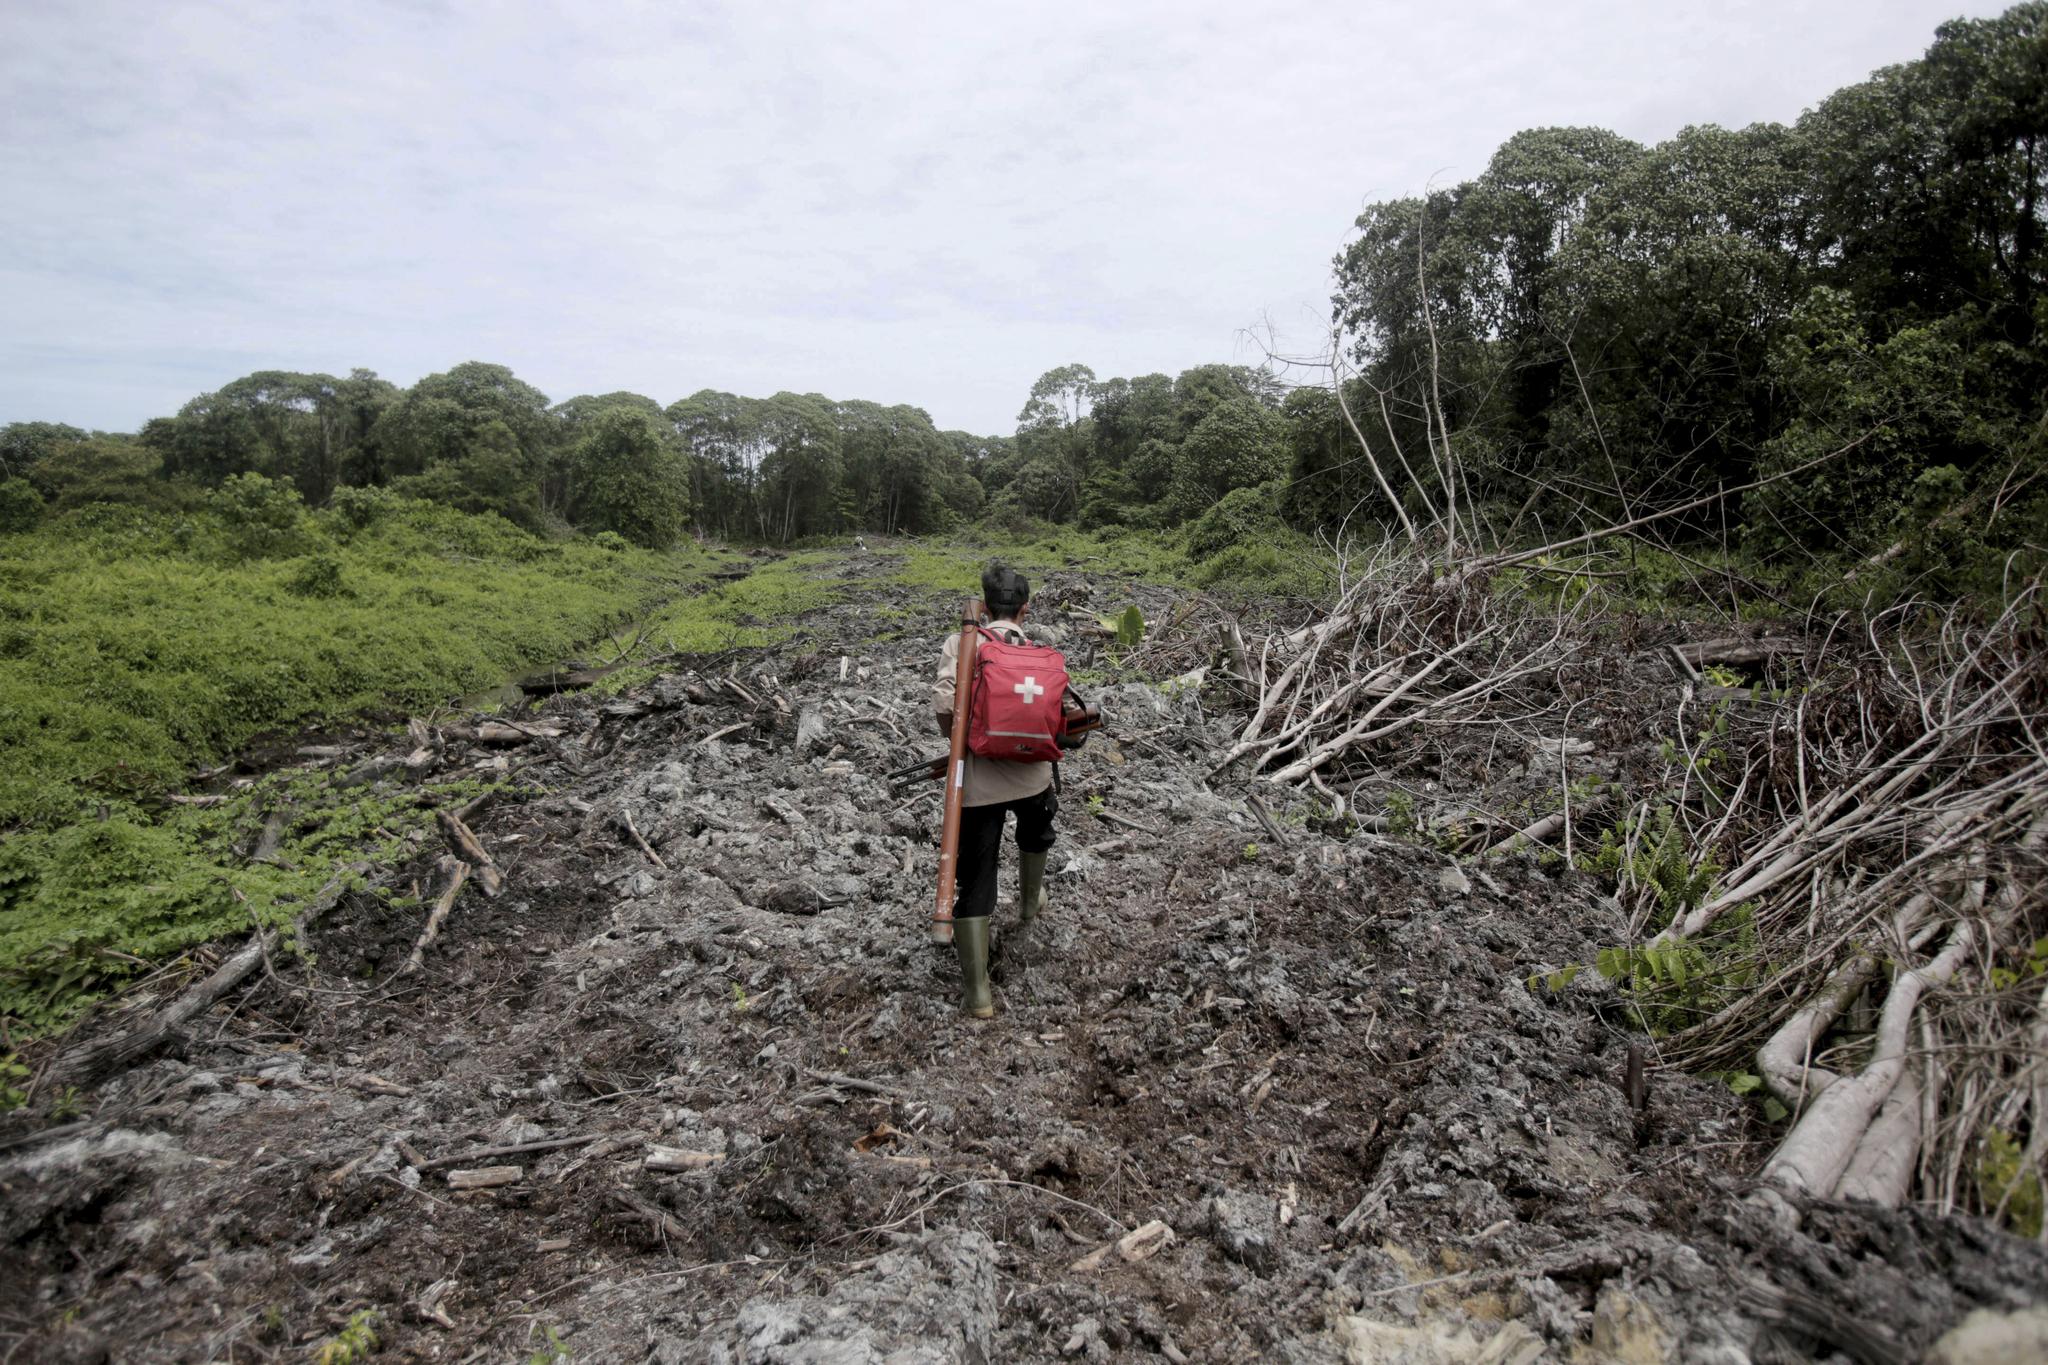 인도네시아 아체 지역에서 환경활동가가 오랑우탄 구조를 위해 의약품이 든 배낭을 지고 벌목된 숲을 지나고 있다. 바닥에 이탄층이 쌓인 이 지역은 팜유 플랜테이션 조성을 위해 벌목을 했다. [AP=연합]